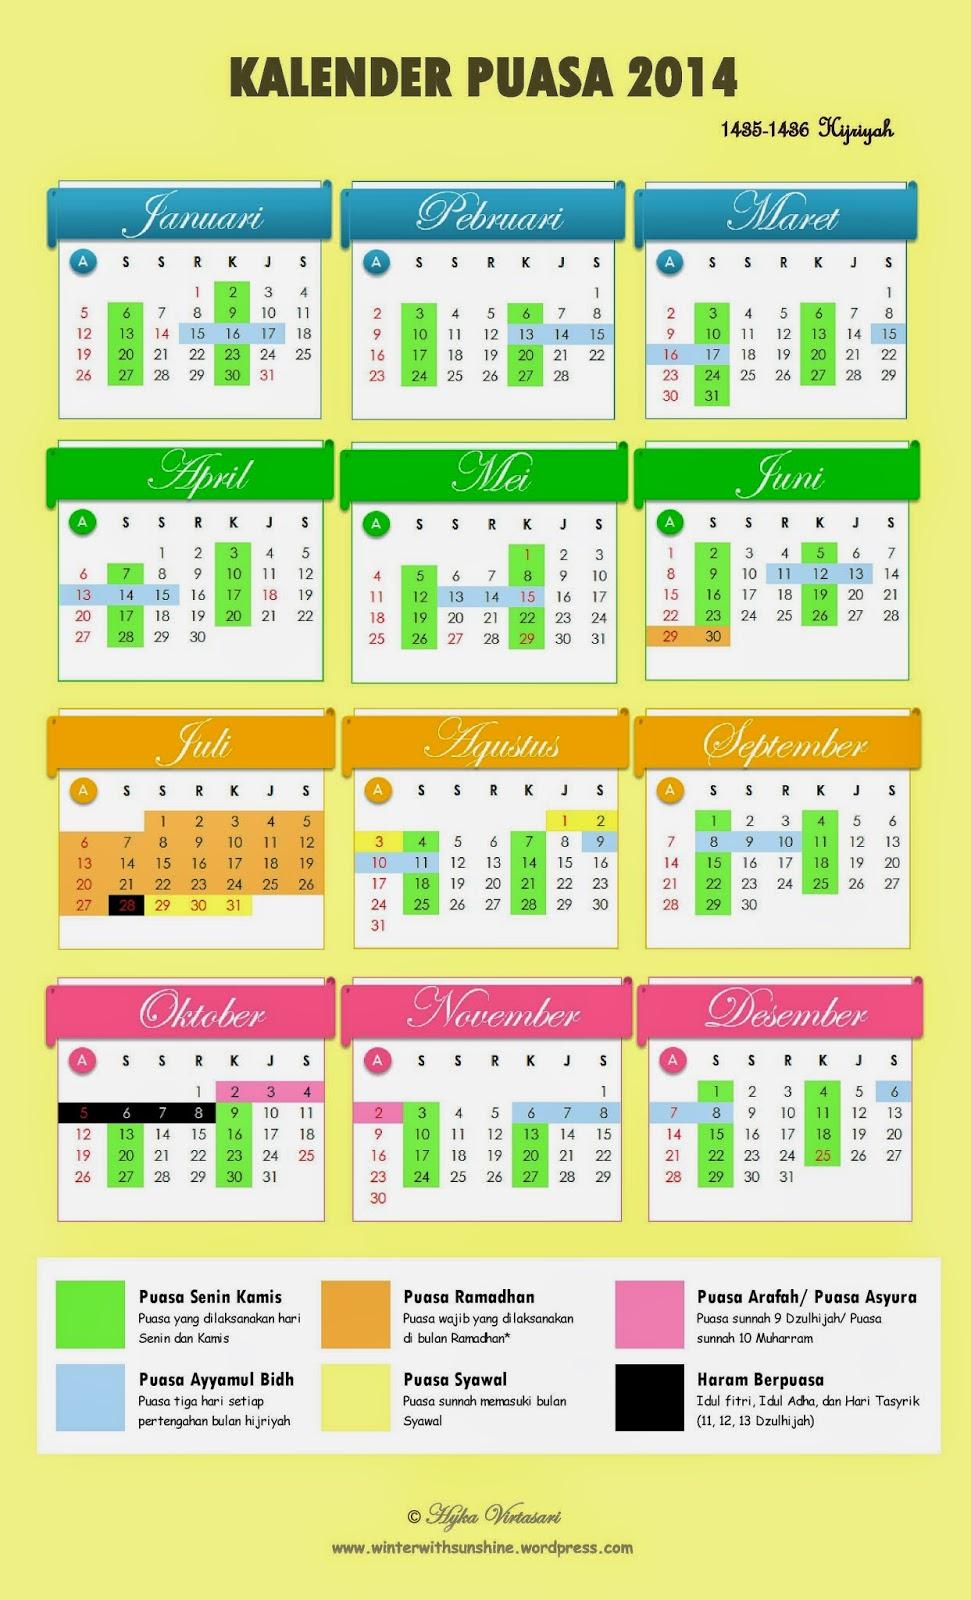 kalendar-puasa-sunah-kr-cahelek.jpg